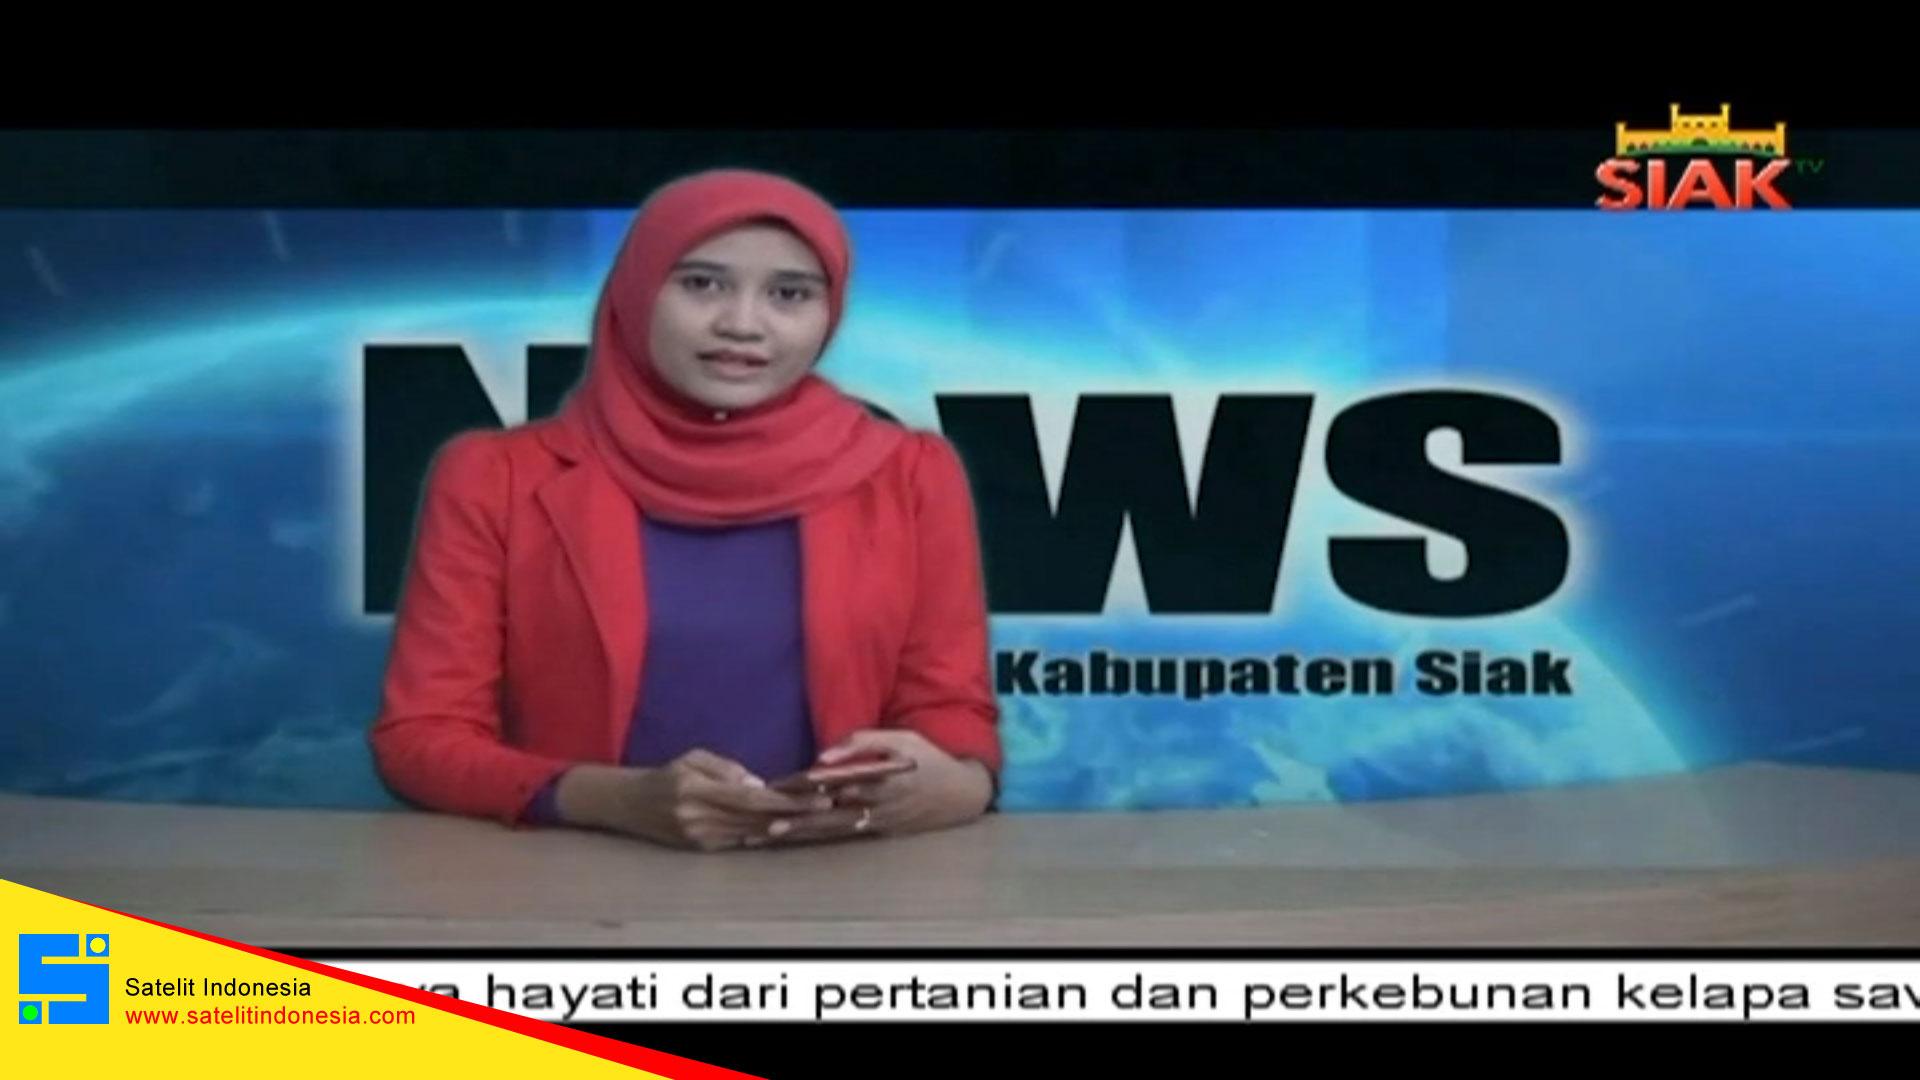 Frekuensi siaran Siak TV di satelit Telkom 4 Terbaru